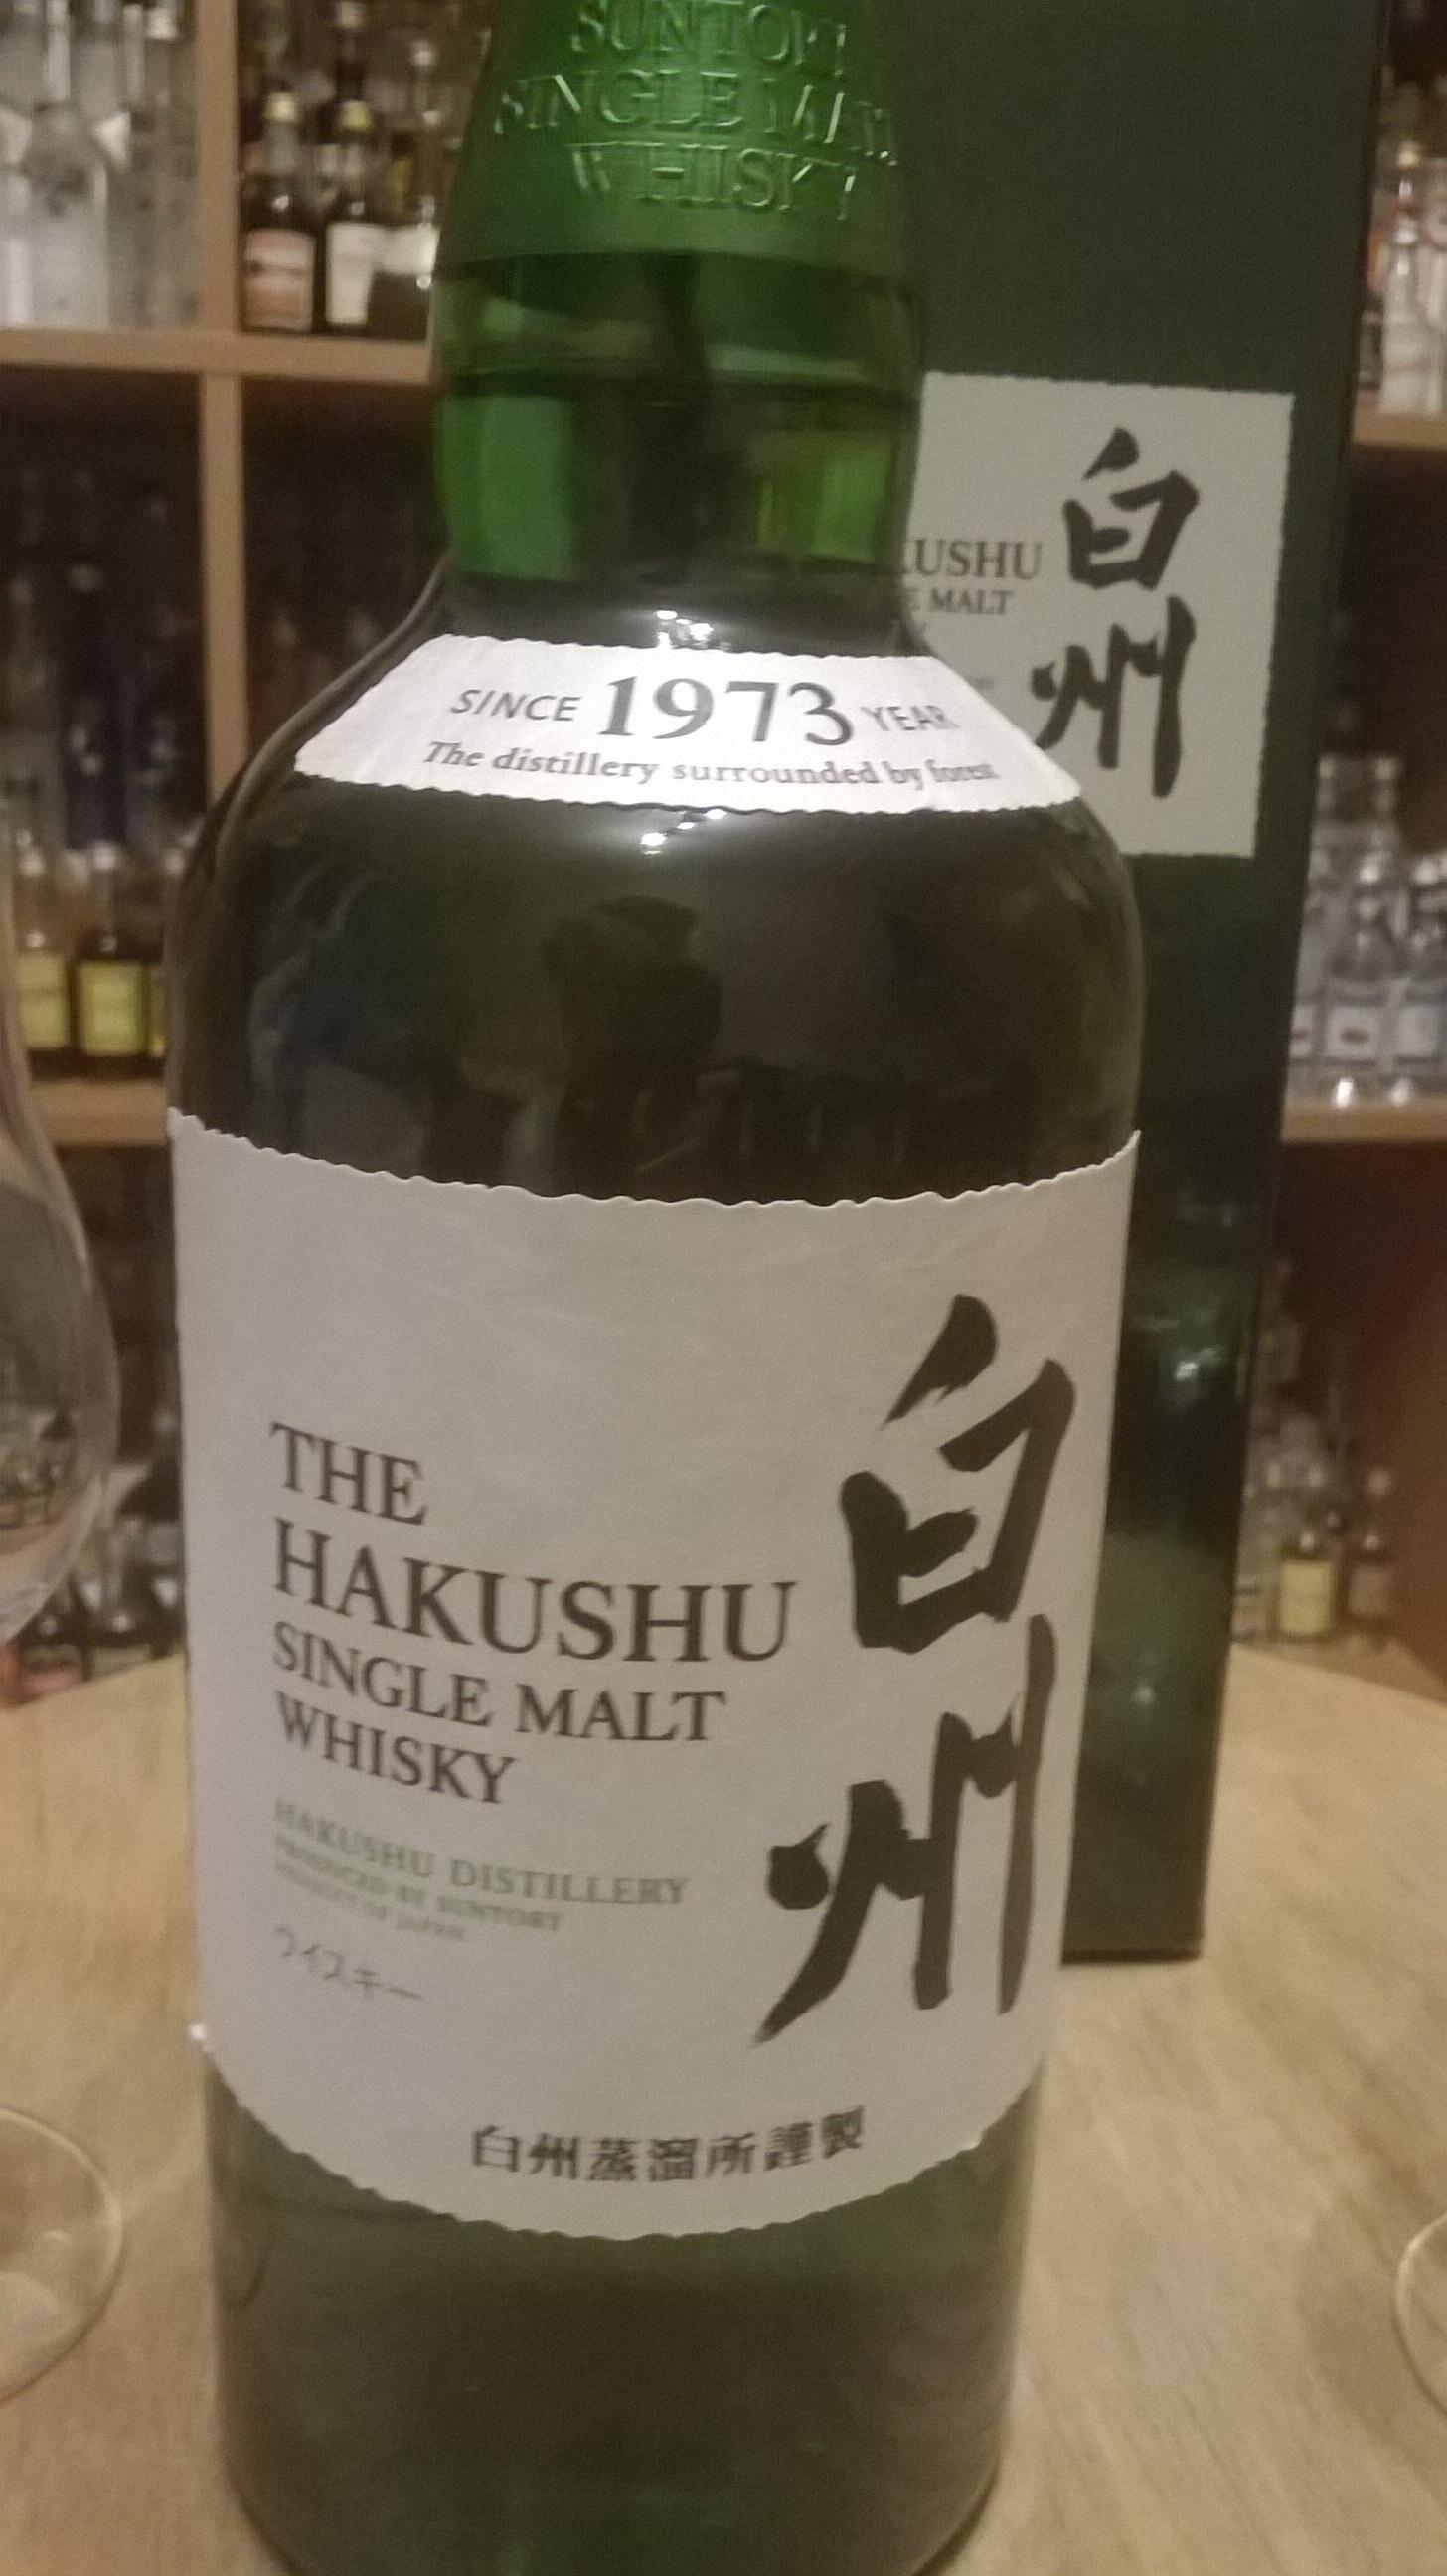 Hakushu Distiller